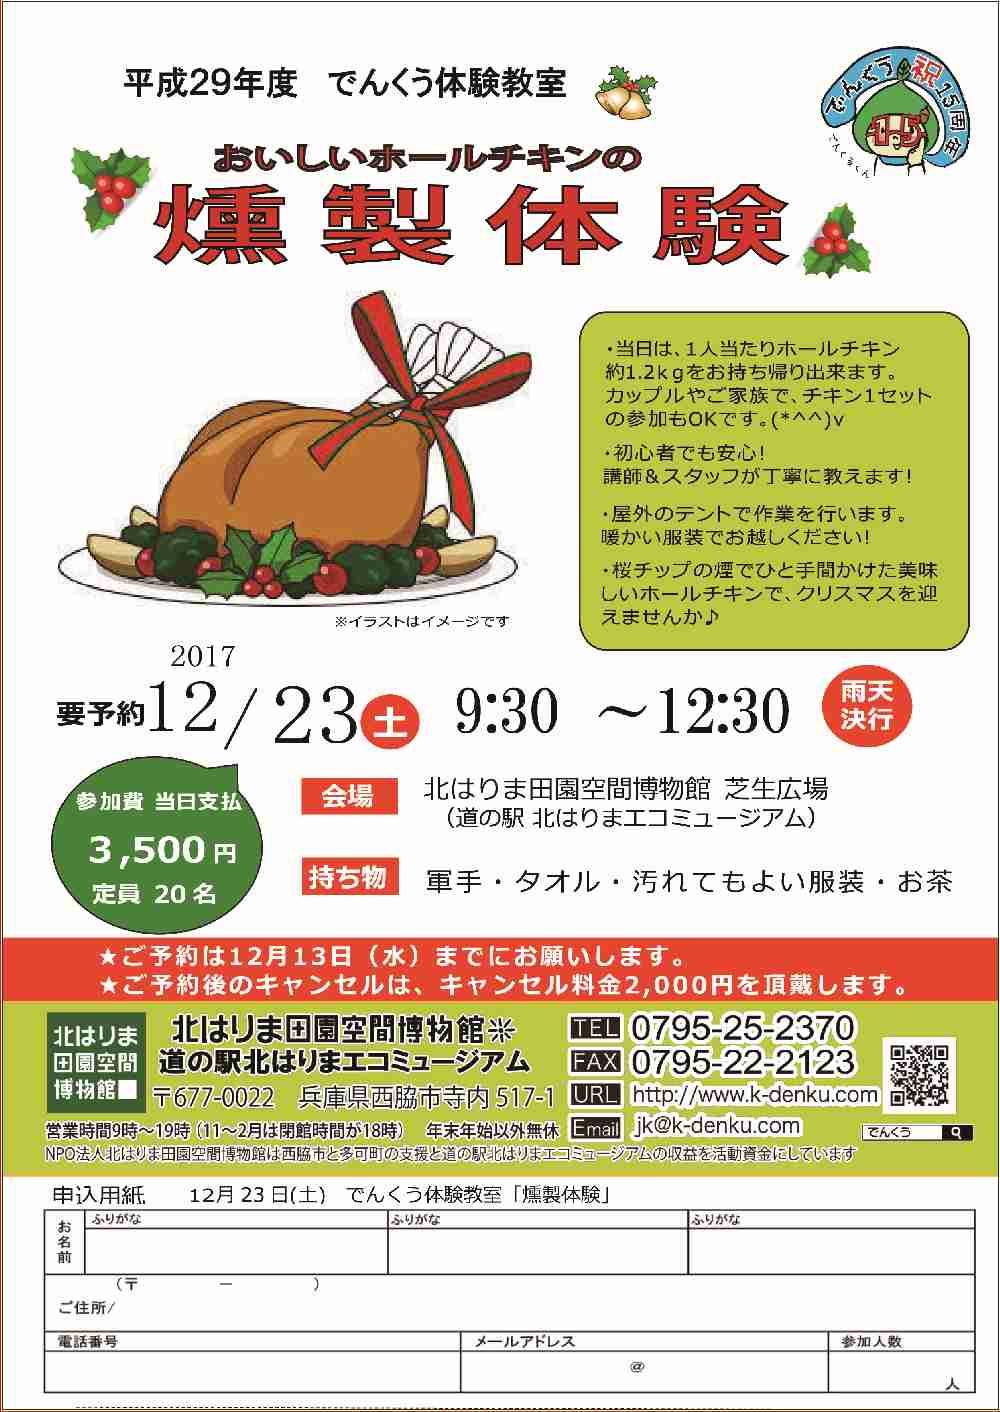 12/23 ホールチキンの燻製体験:でんくう体験学習室